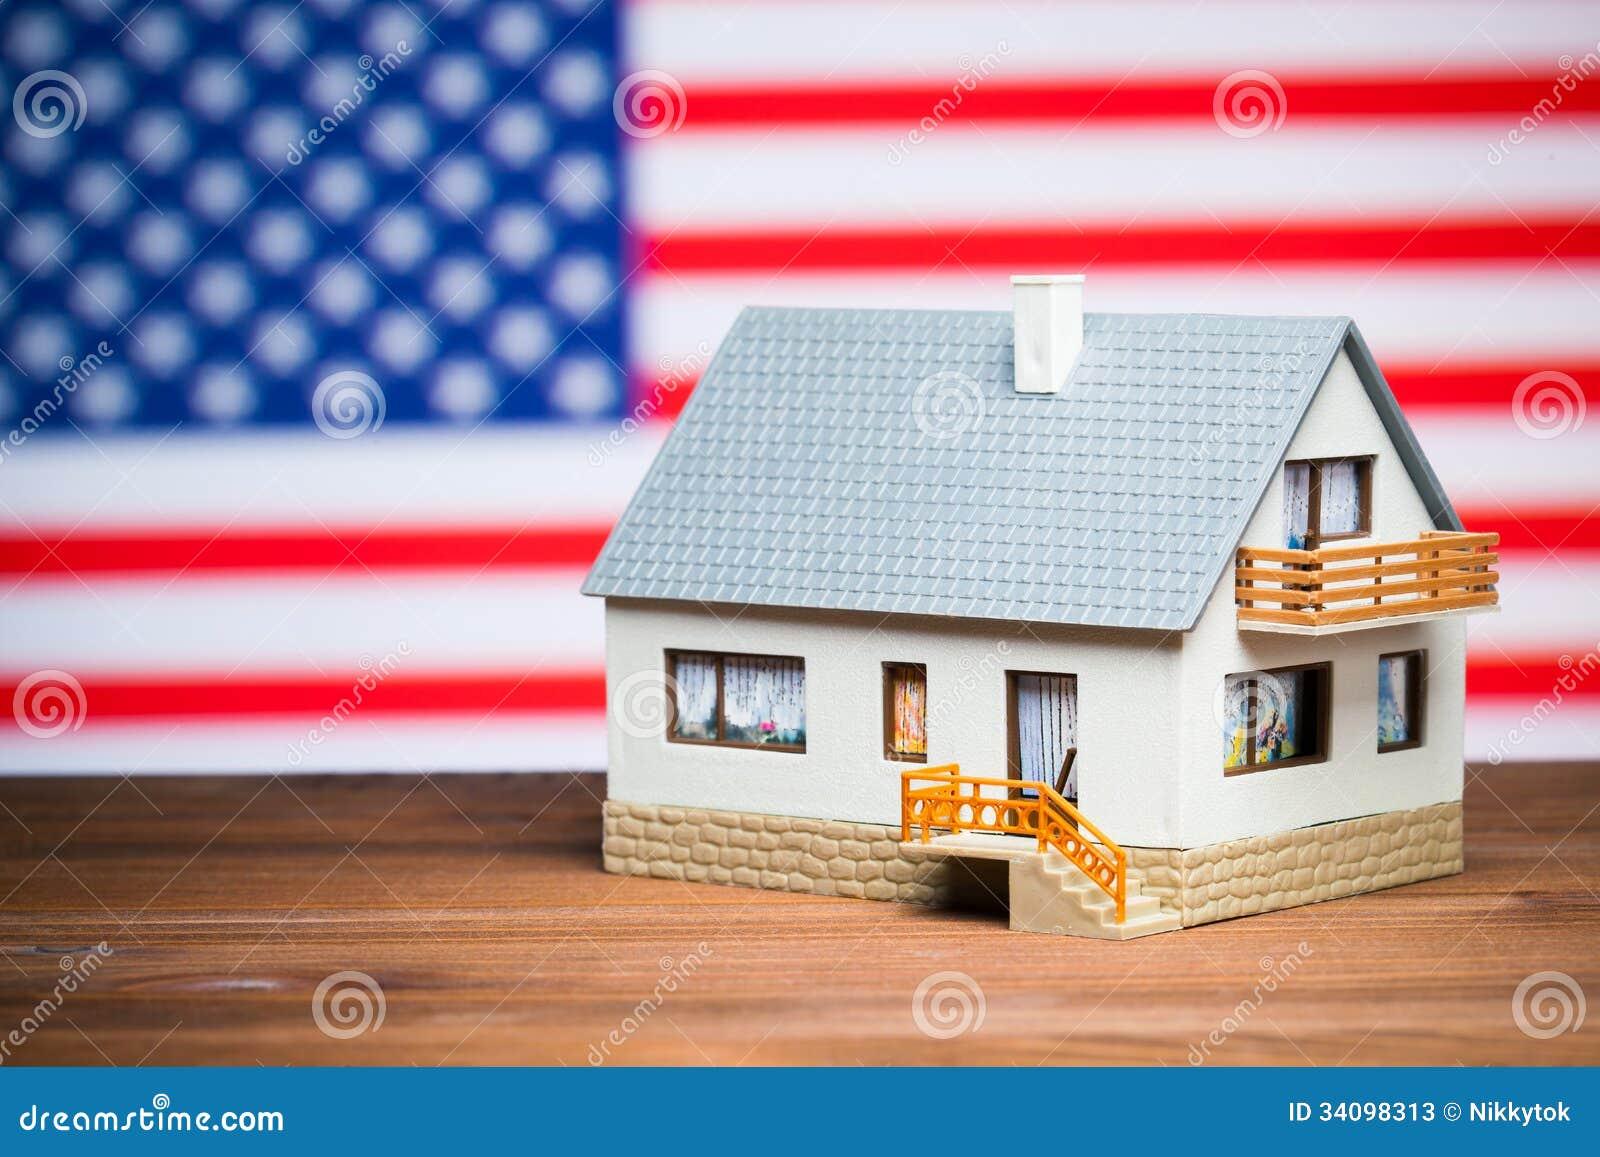 Usa Realty Concept Stock Photos Image 34098313